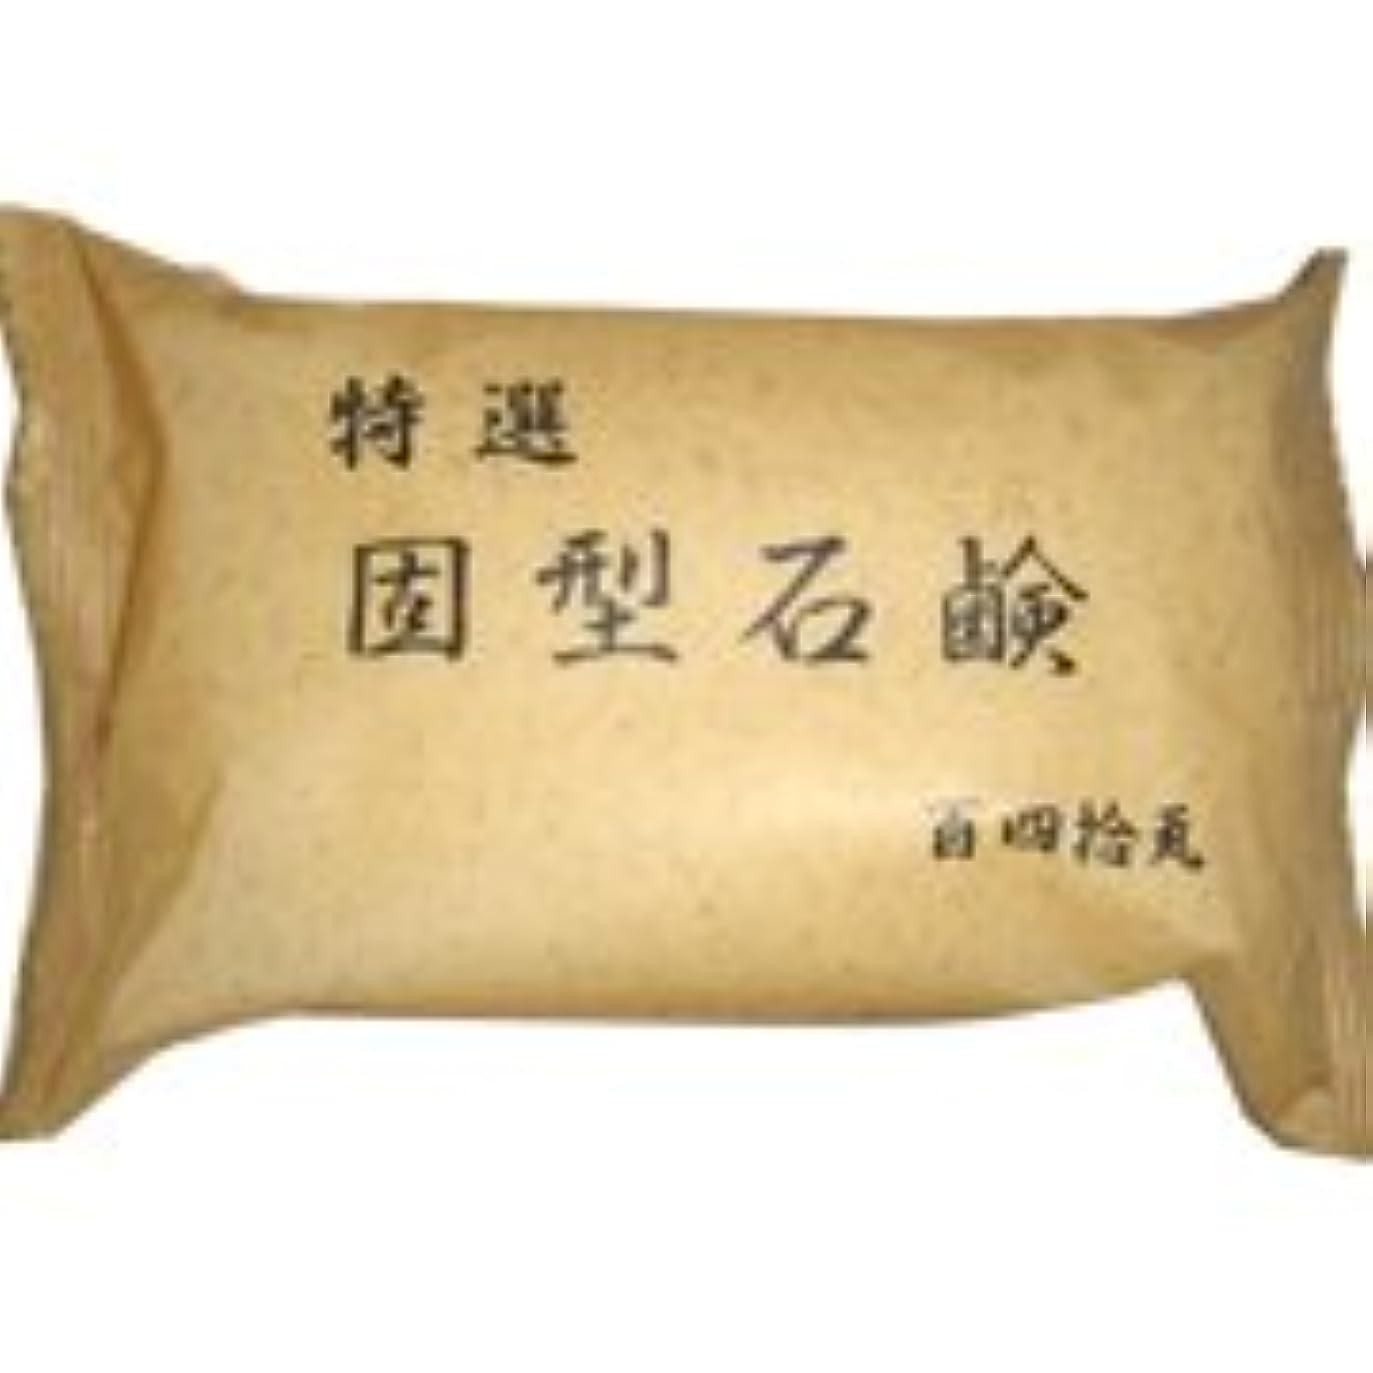 成長大使館絡まる特選 固型石鹸 140g    エスケー石鹸